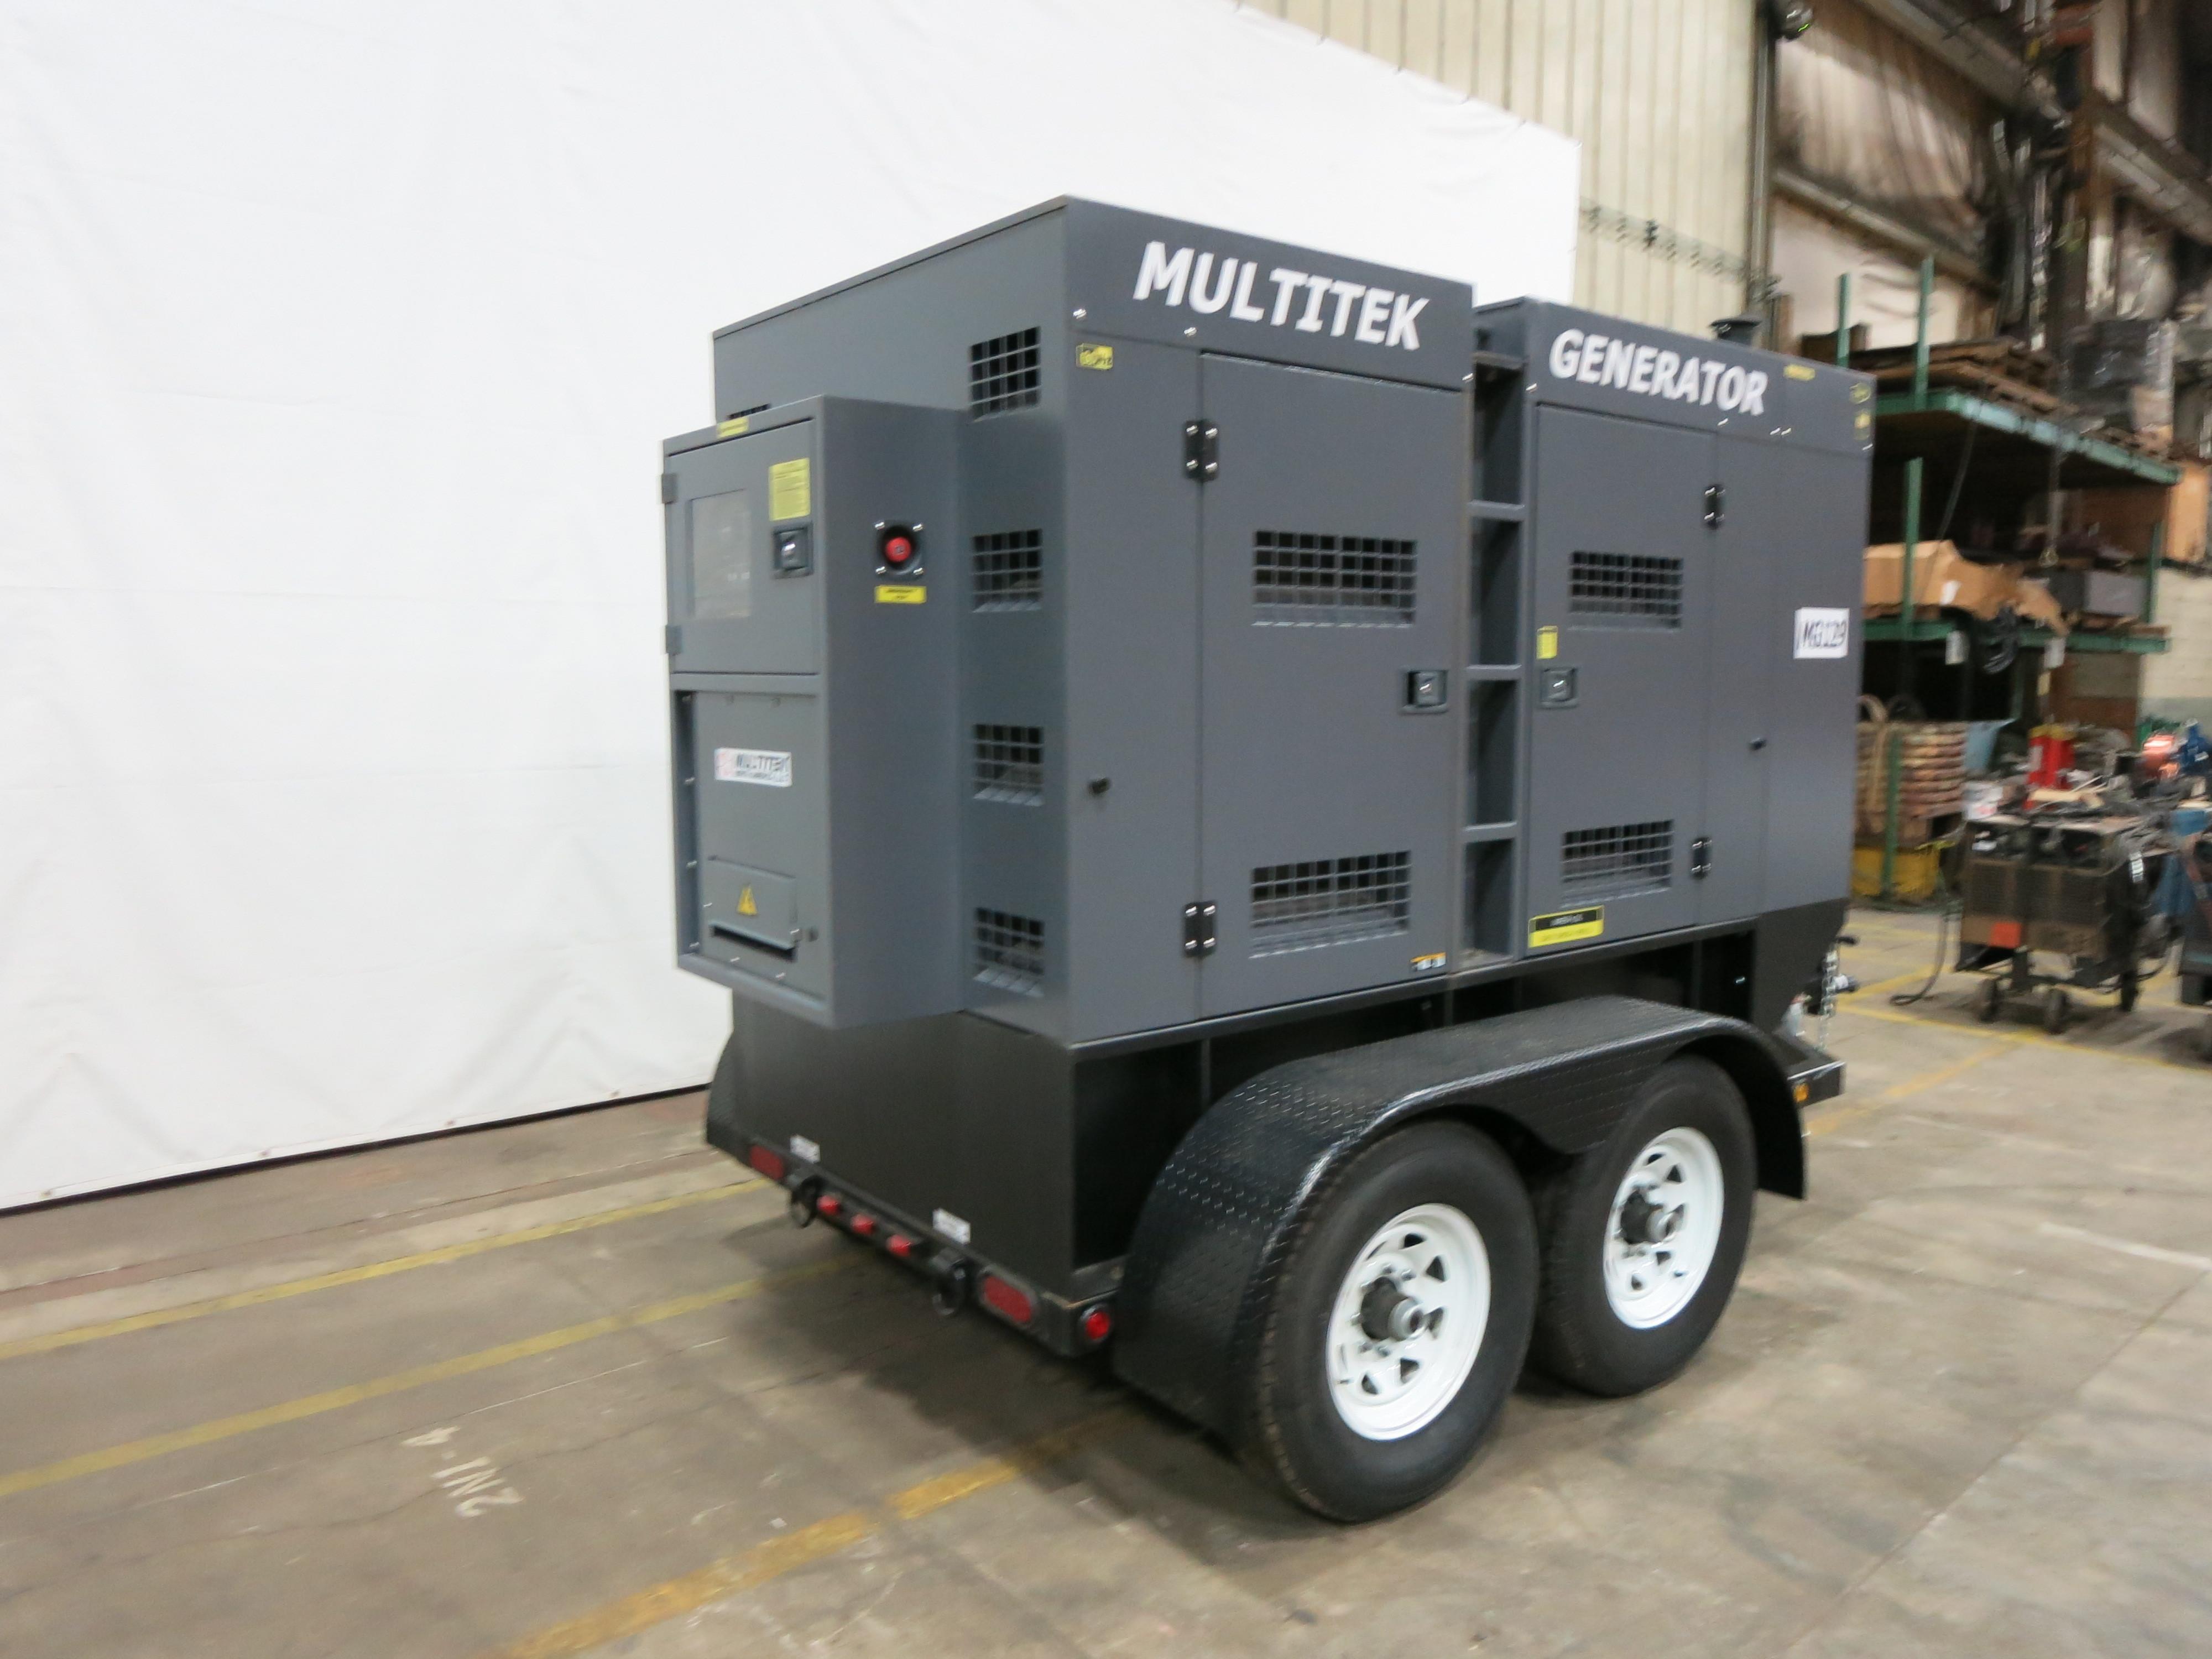 New Multitek MG129 Rental Grade Diesel Gen QTY 8